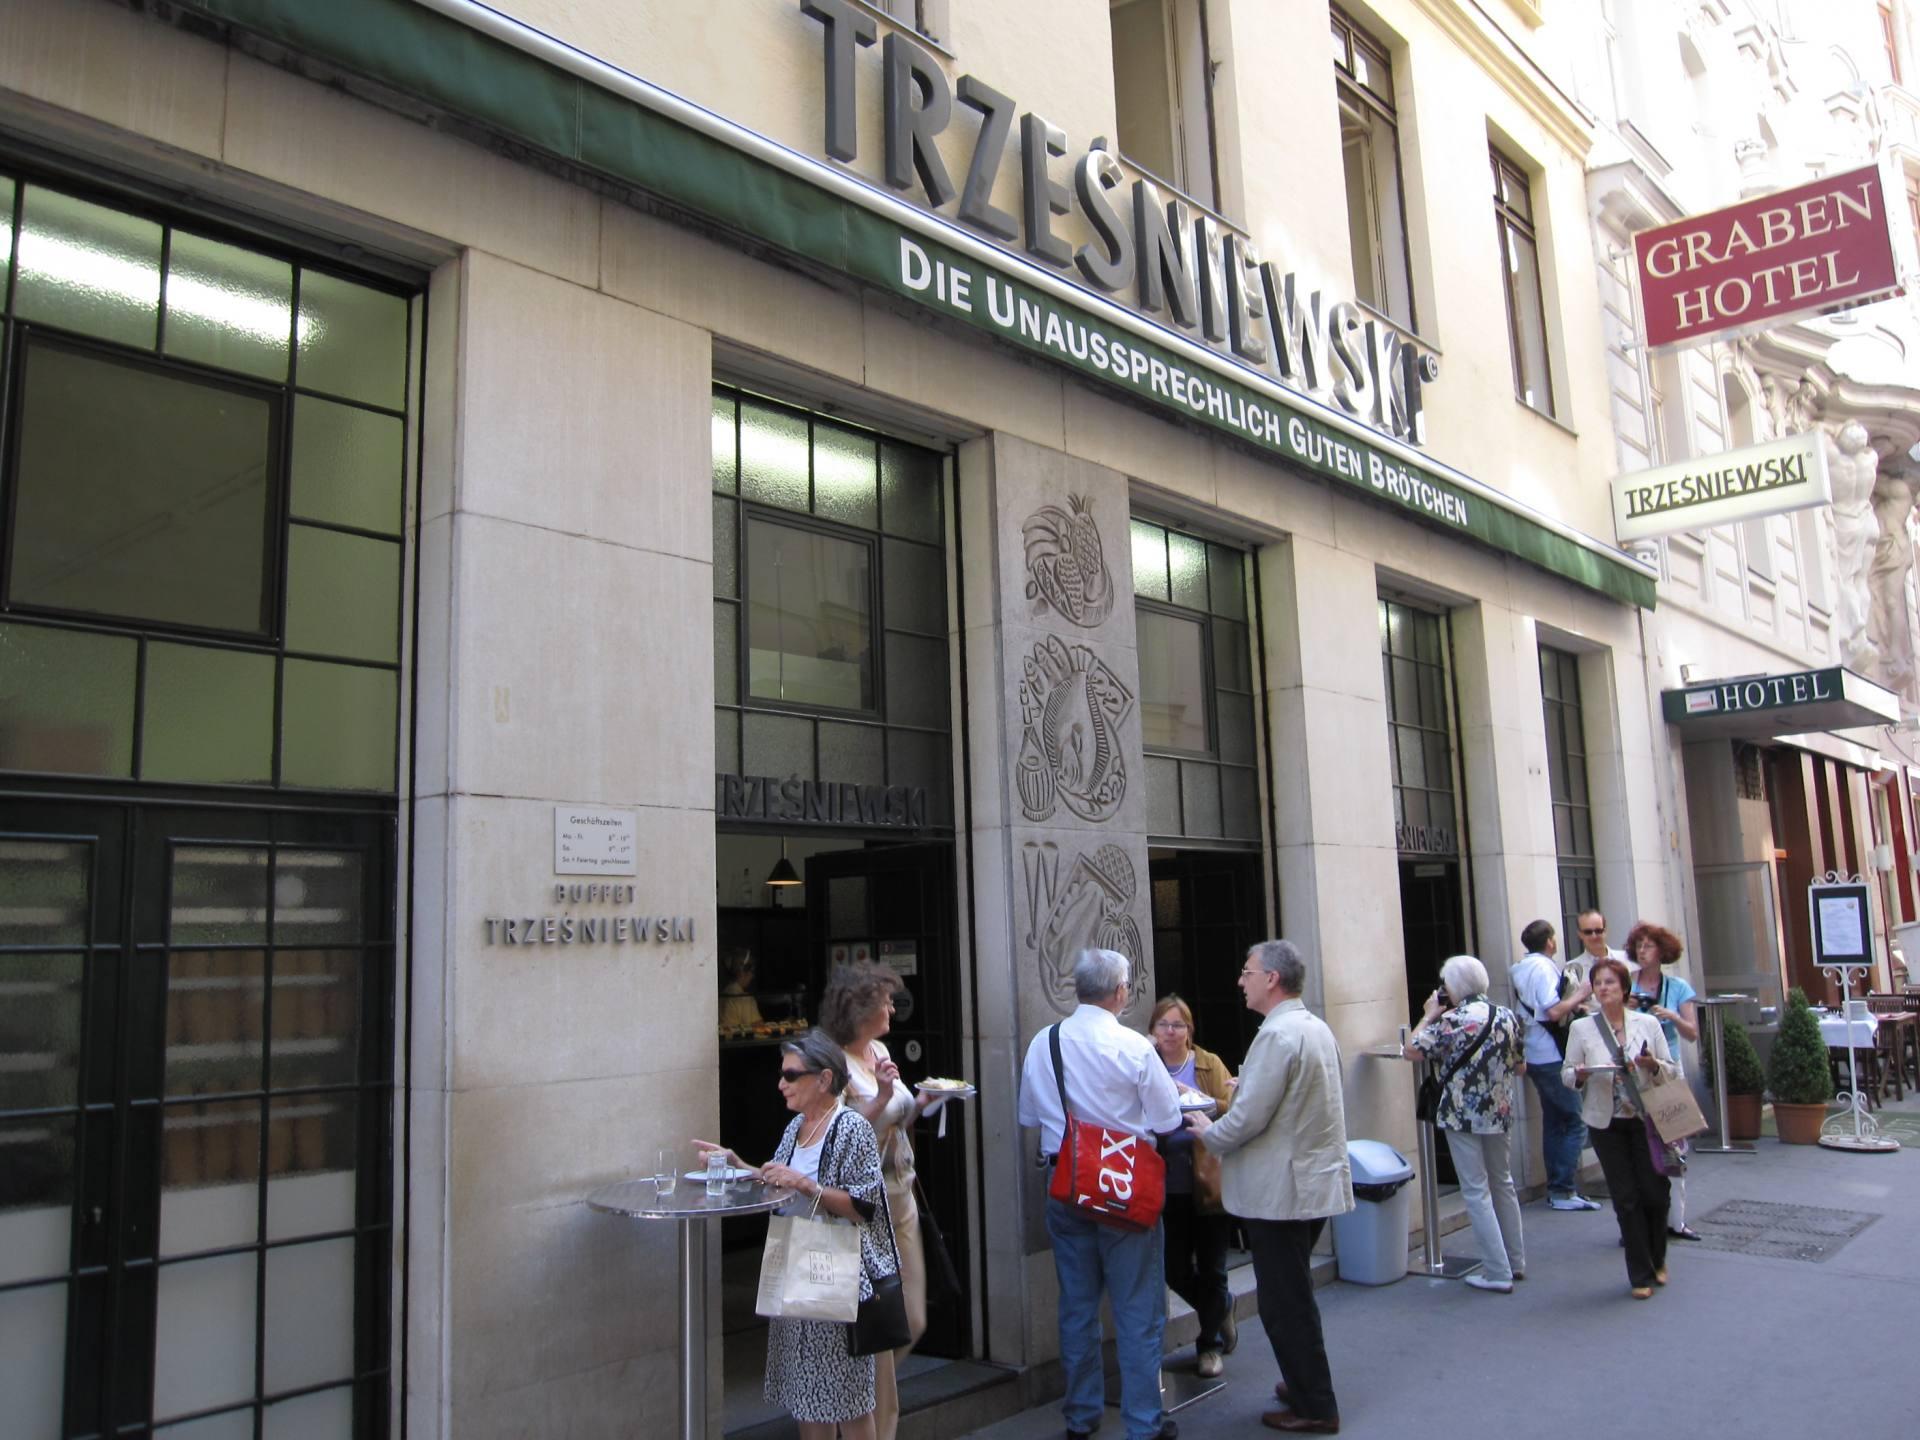 Trzesniewski Vienna